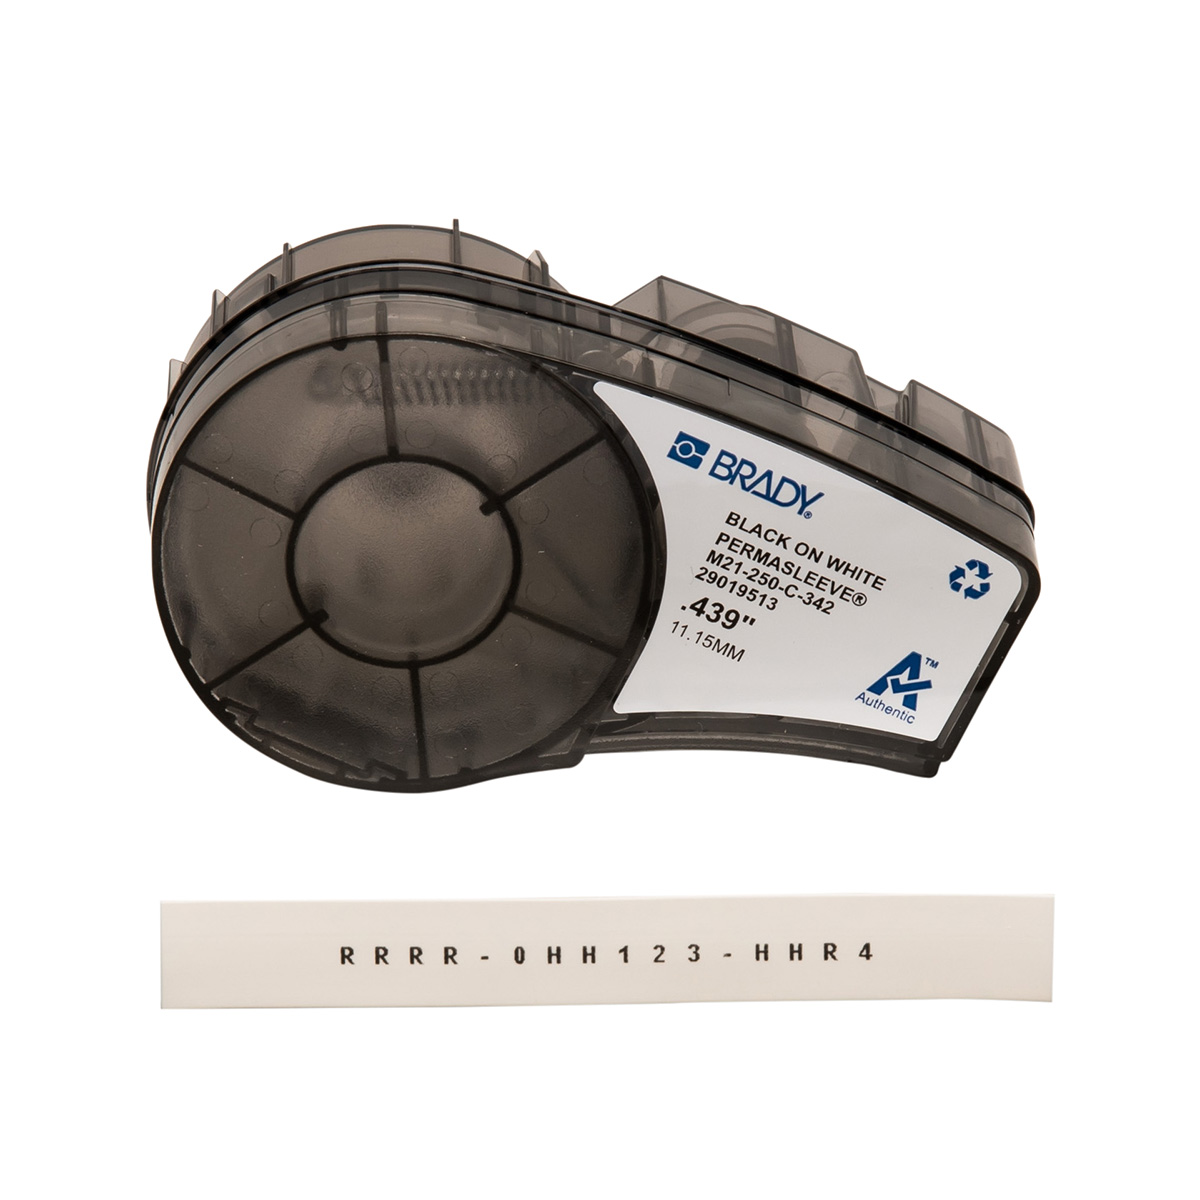 BRAM21-250-C-342 0.250 IN DIA X 7 FT (6.35 MM X 2.13 M), BRADY, M21-250-C-342